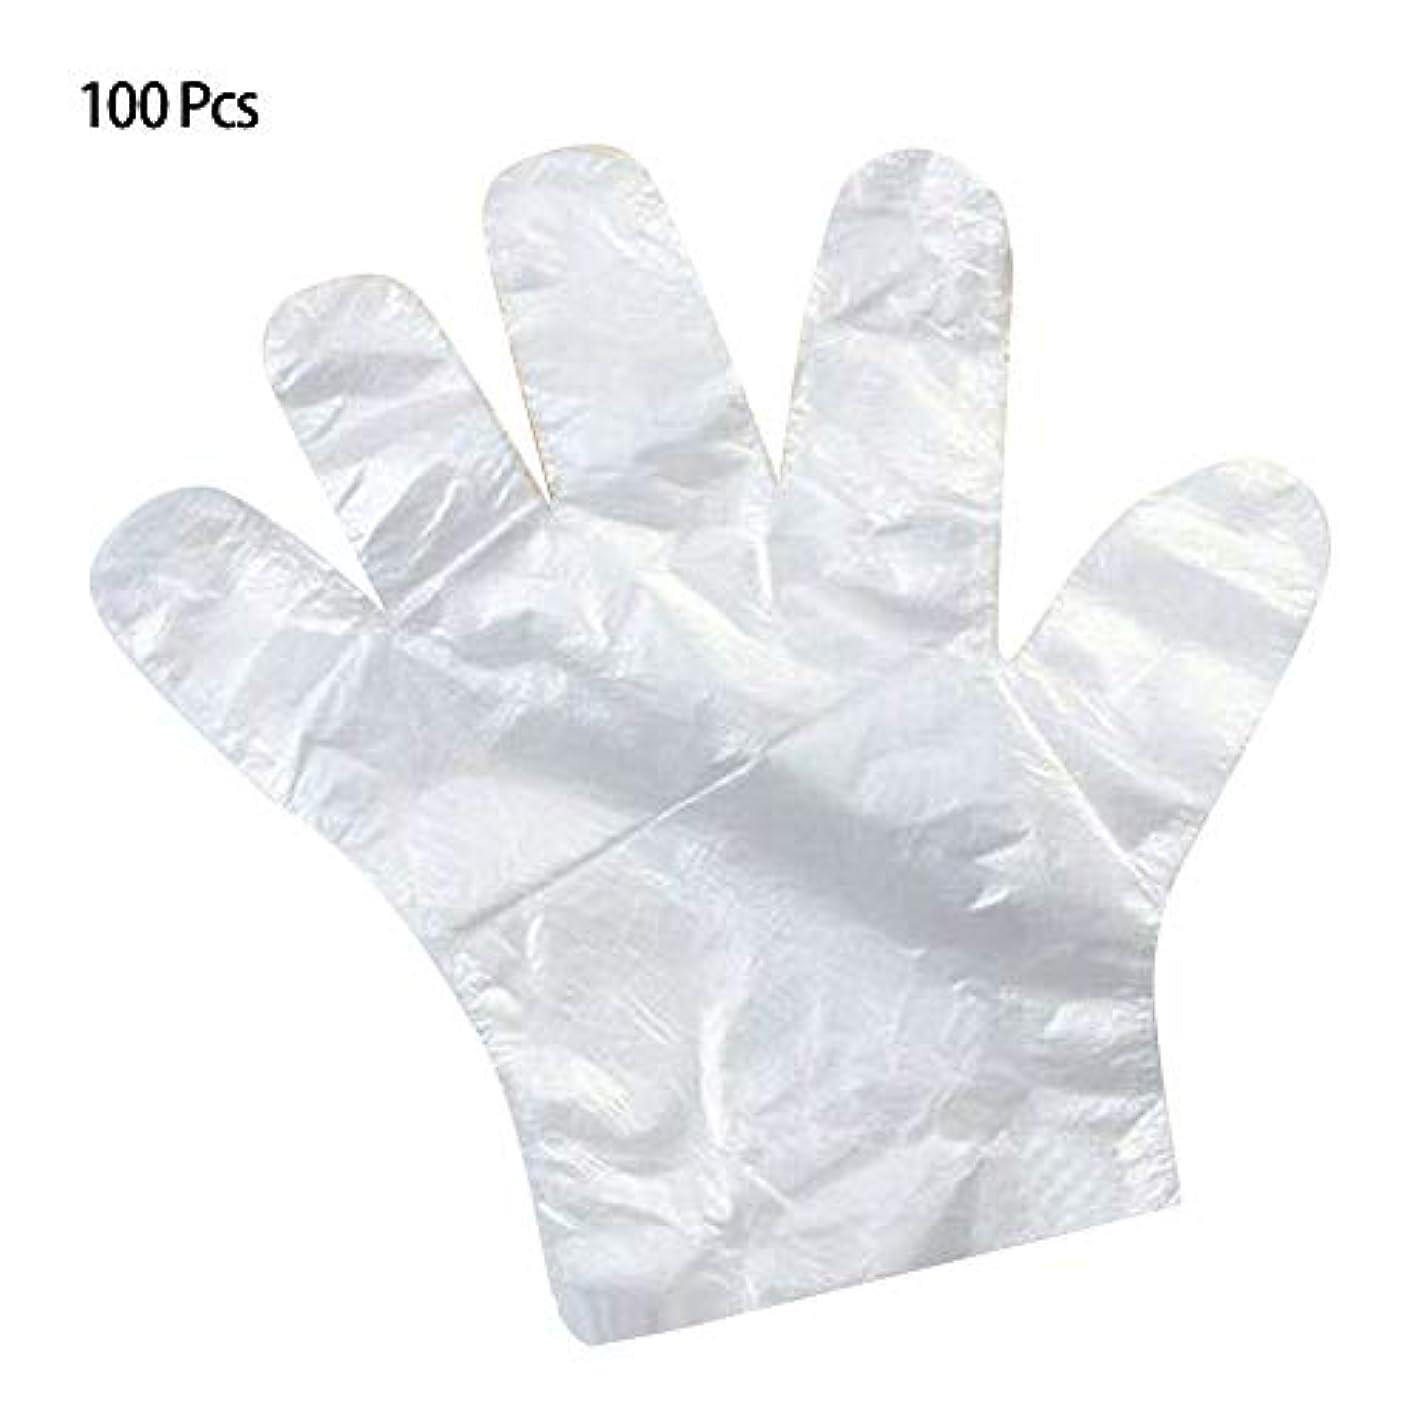 後セールピルファー使い捨て手袋 極薄ビニール手袋 ポリエチレン 透明 実用 衛生 100枚*2セット